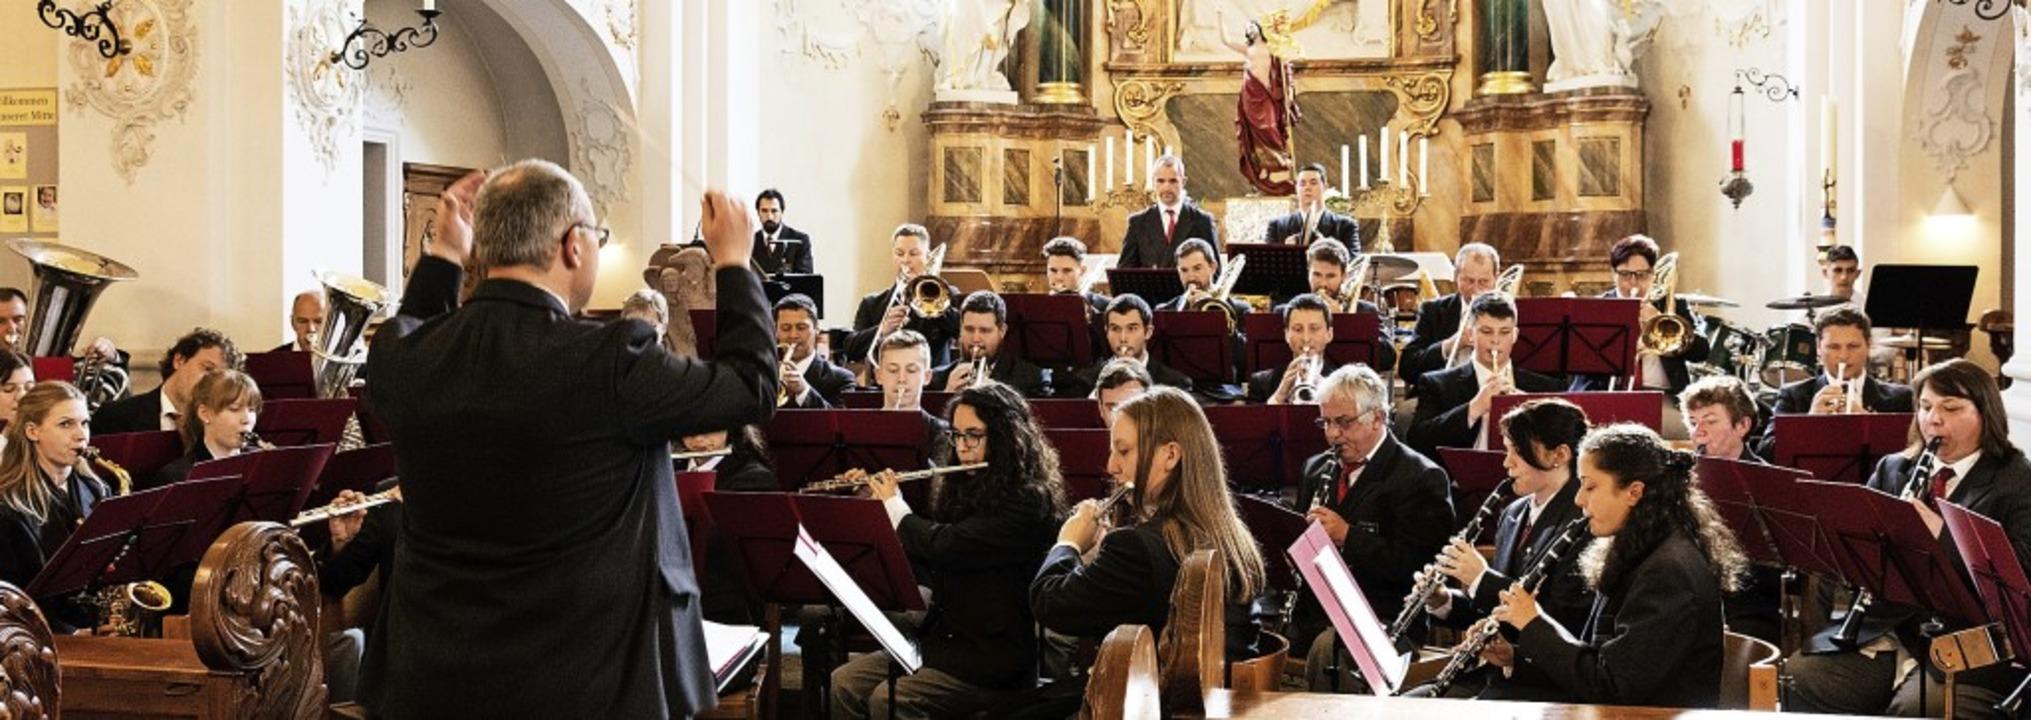 Unter Leitung von Michael Schätzle prä...u ein eindrucksvolles Kirchenkonzert.   | Foto: Gabriele Zahn